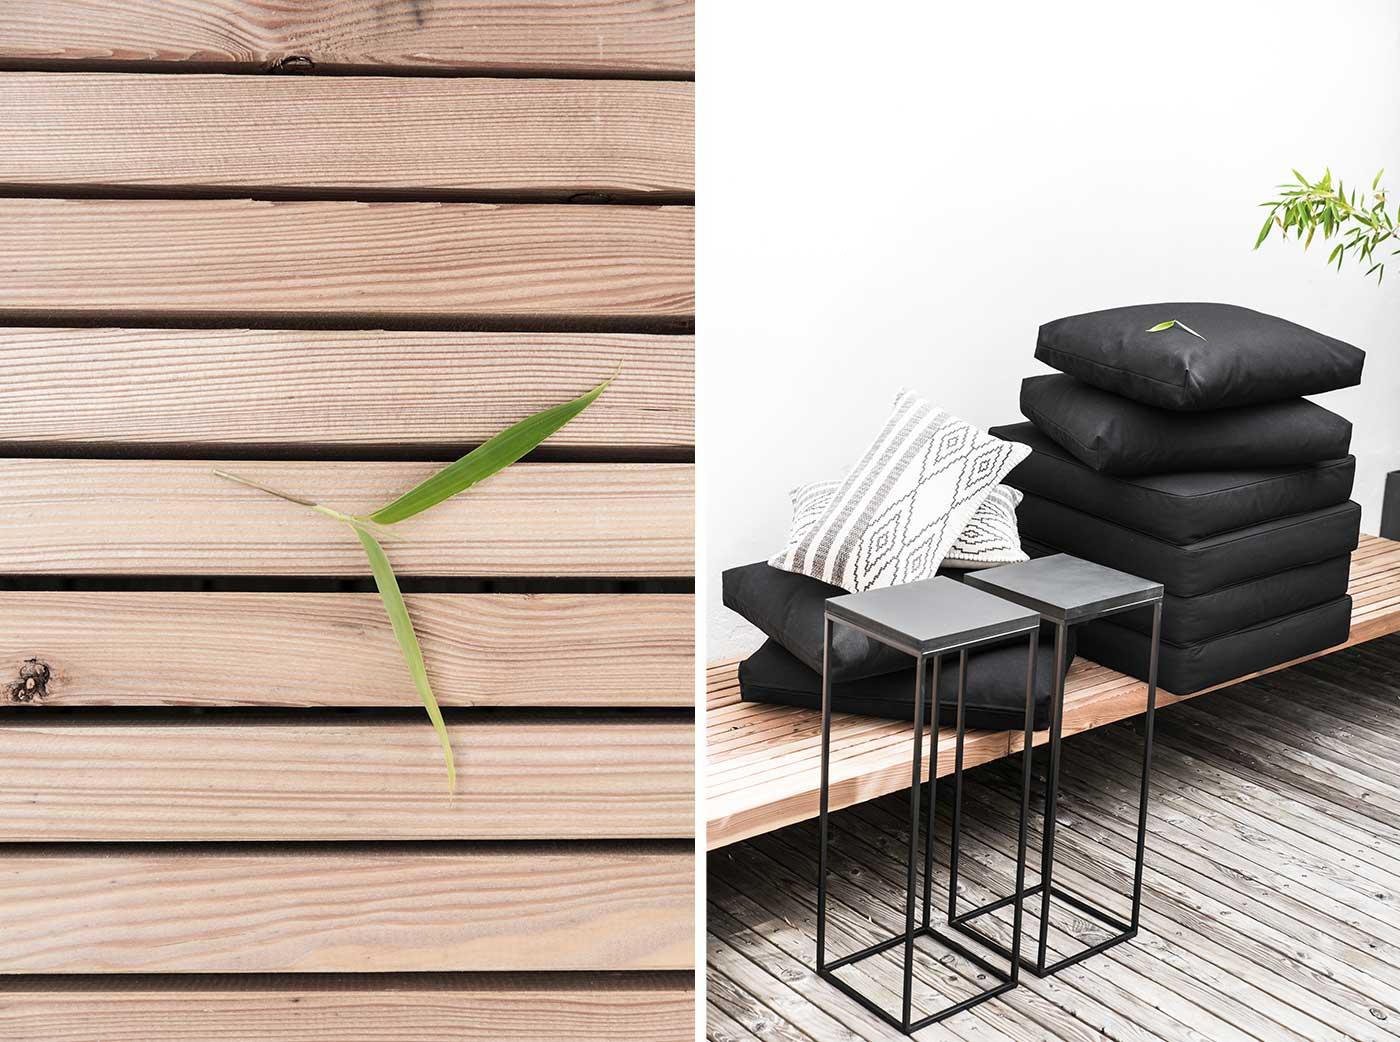 Gartenlounge gestalten  Outdoor Living - Gartenlounge gestalten | Schön bei dir by DEPOT